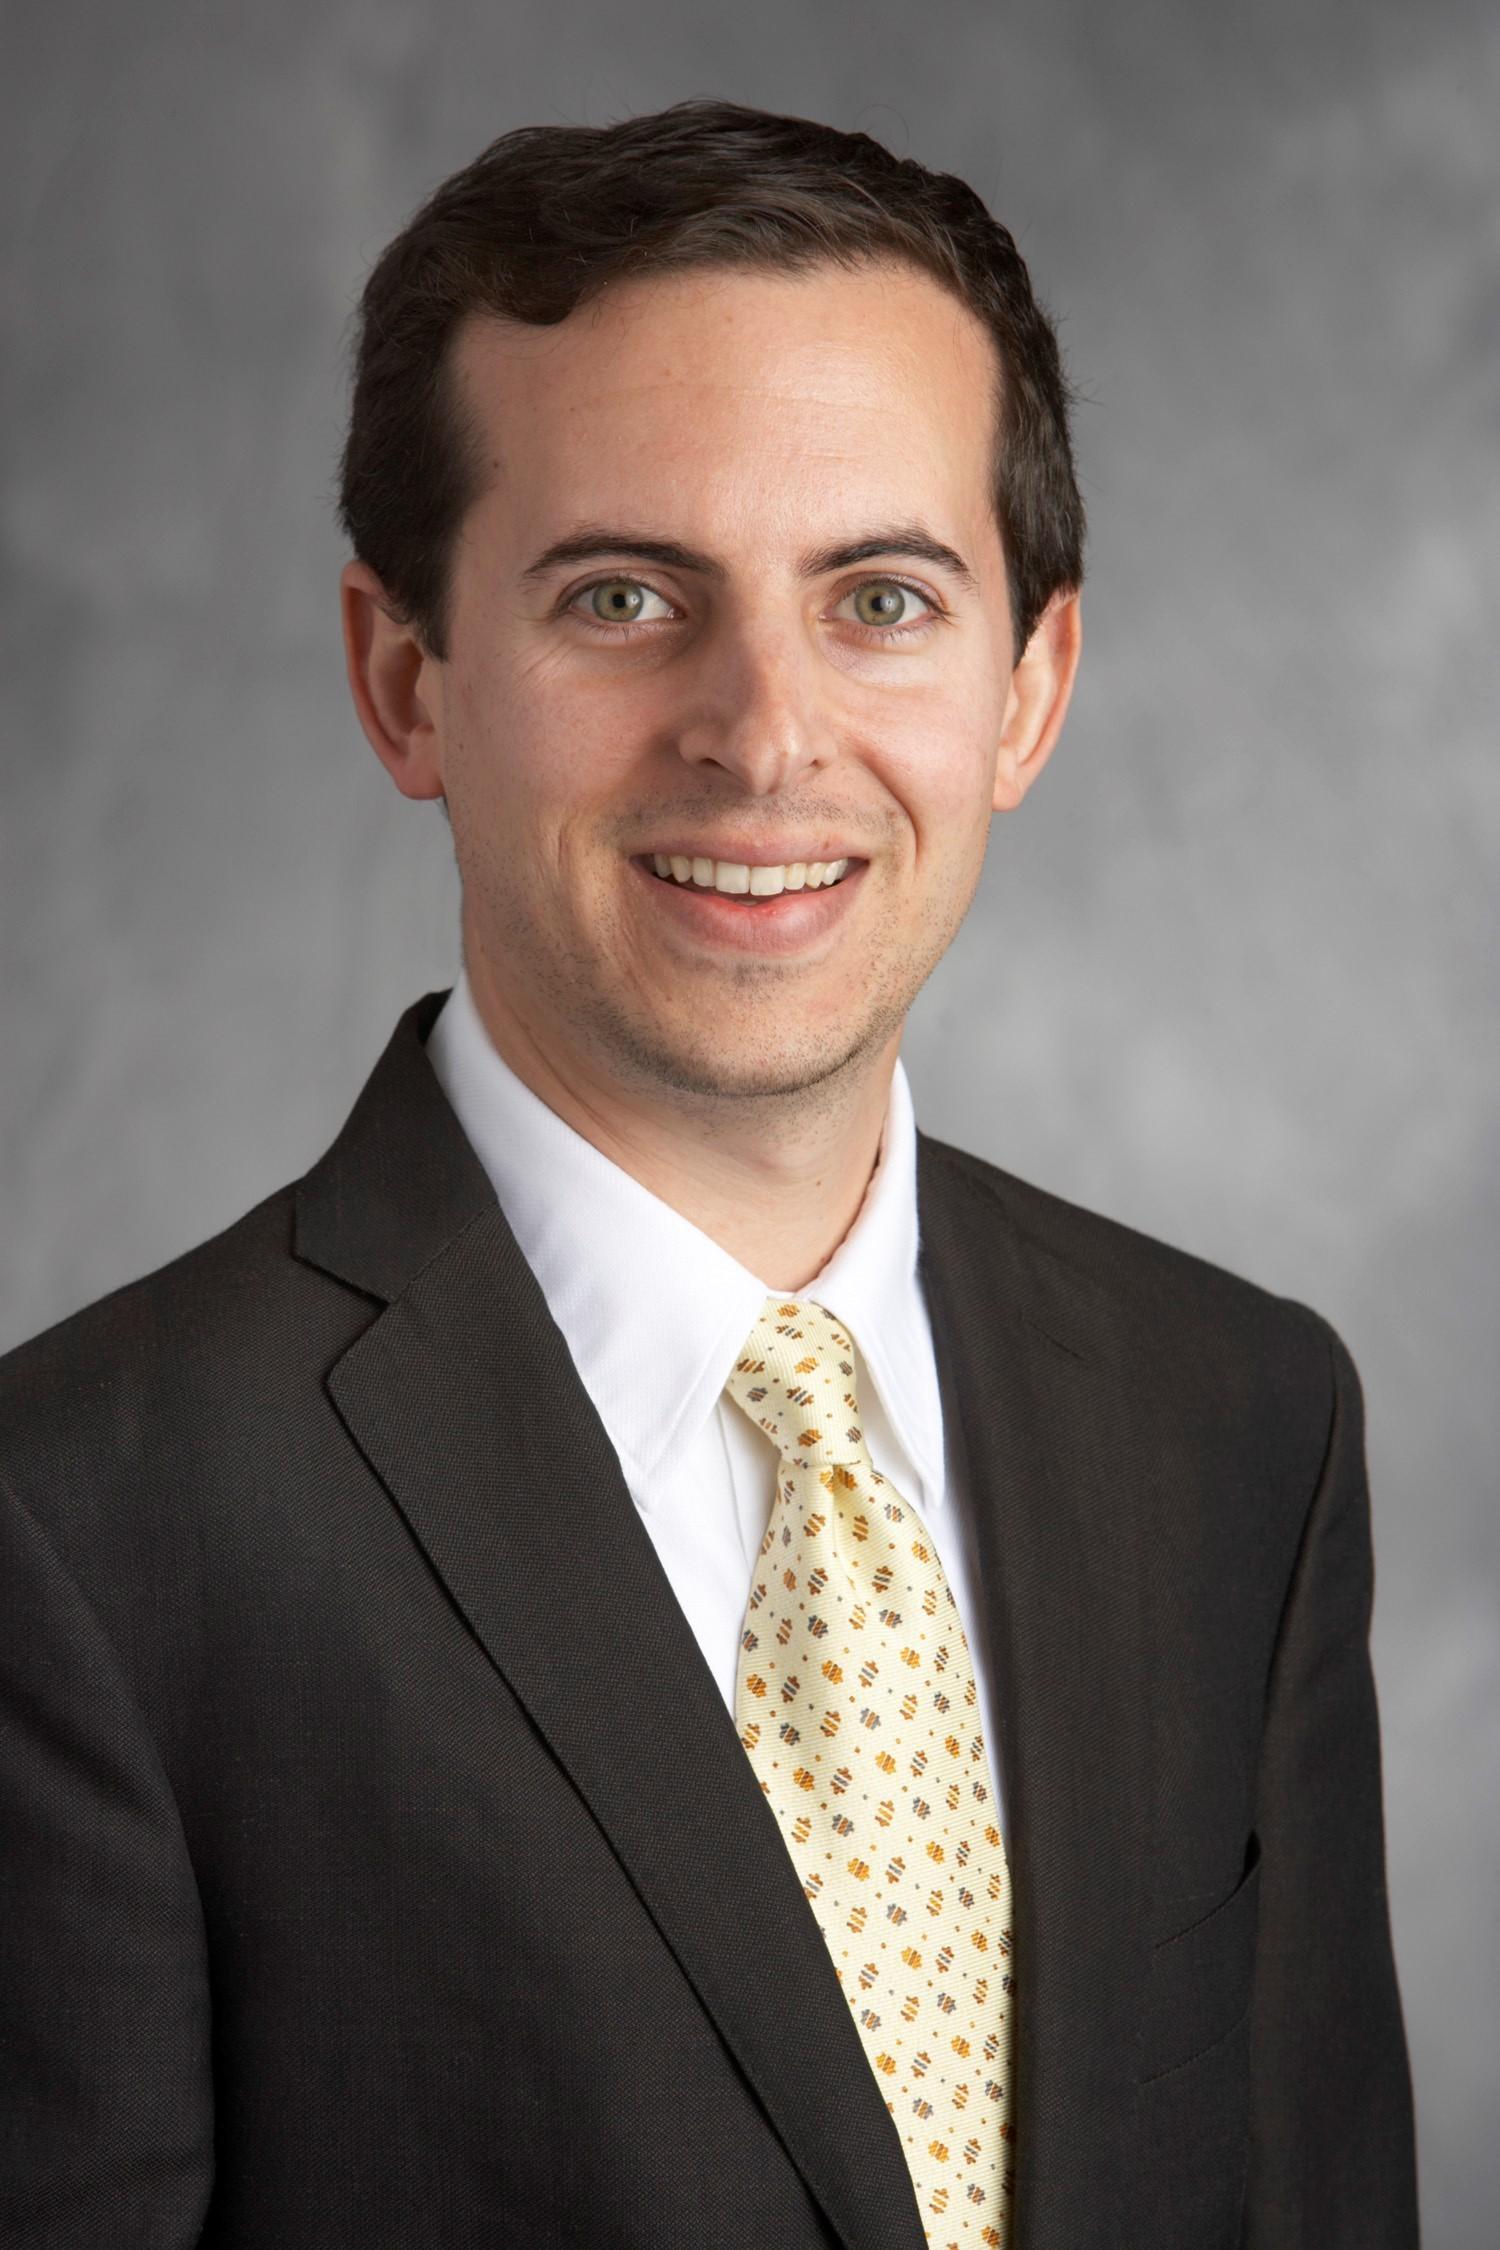 Jason Lichter